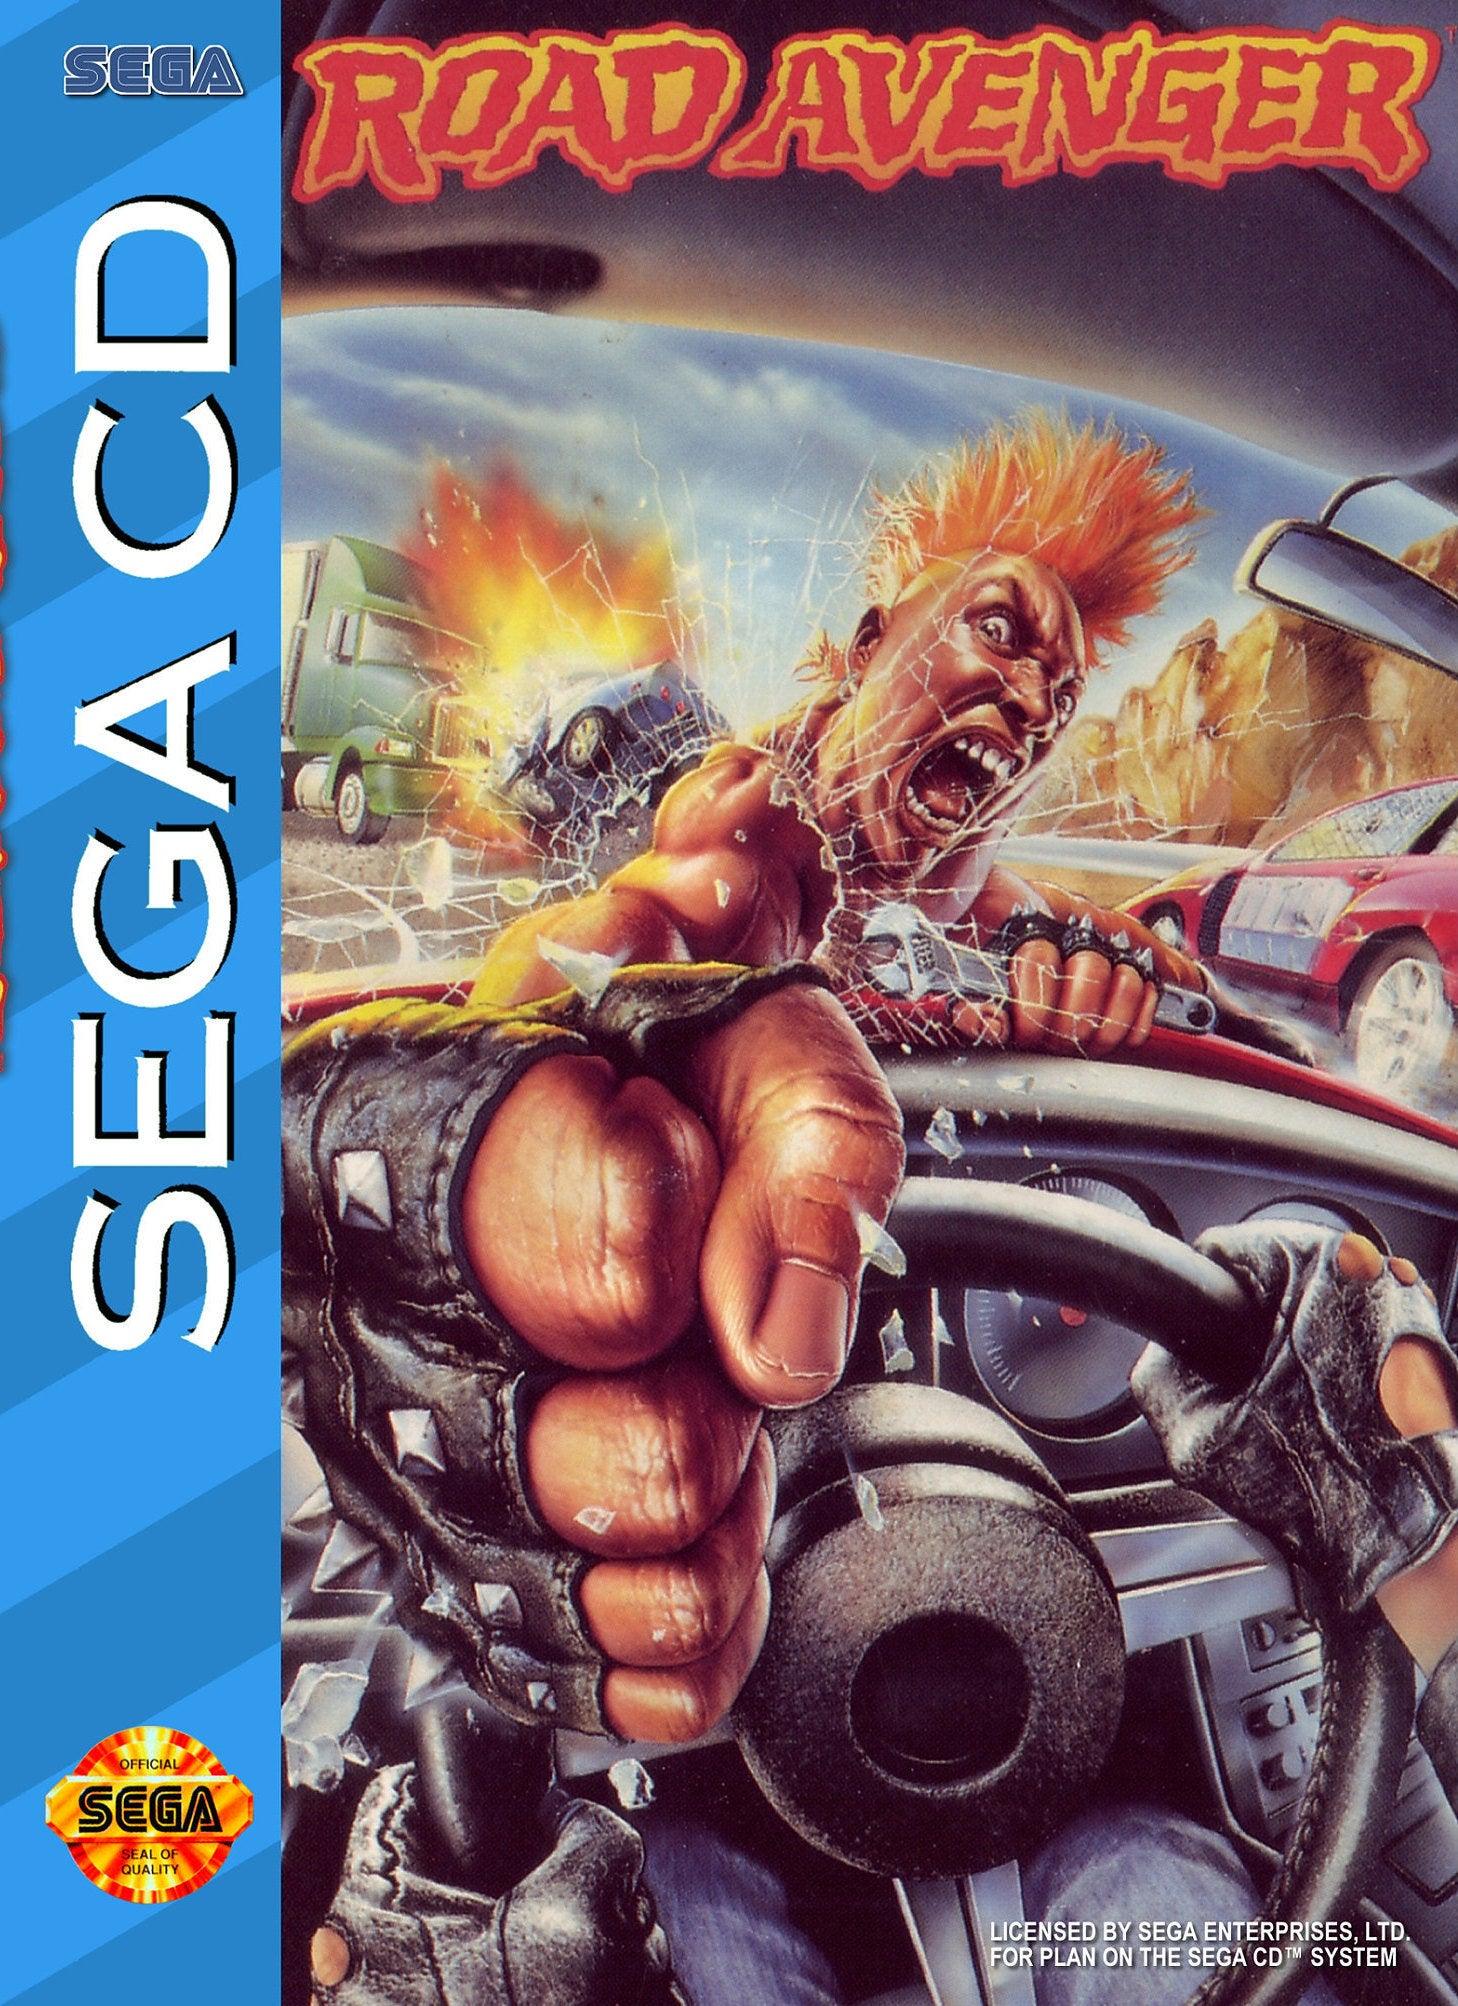 Road Avenger (1993) – Sega CD – VHS Revival